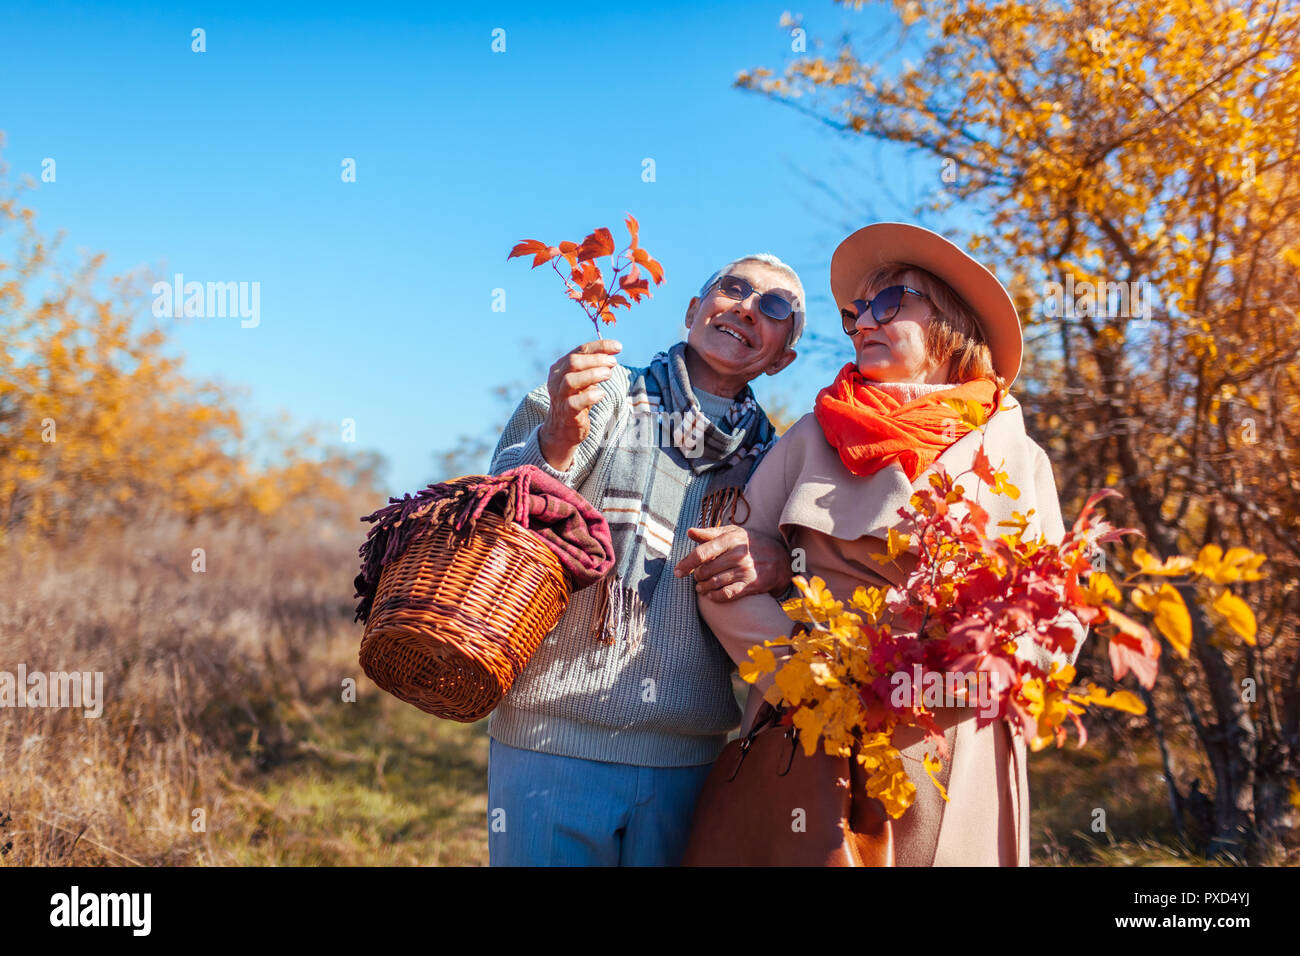 Las parejas ancianas caminar en otoño del bosque. Hombre de mediana edad y la mujer abrazándolo y escalofriante al aire libre. Gente hablando y disfrutar de la naturaleza Foto de stock